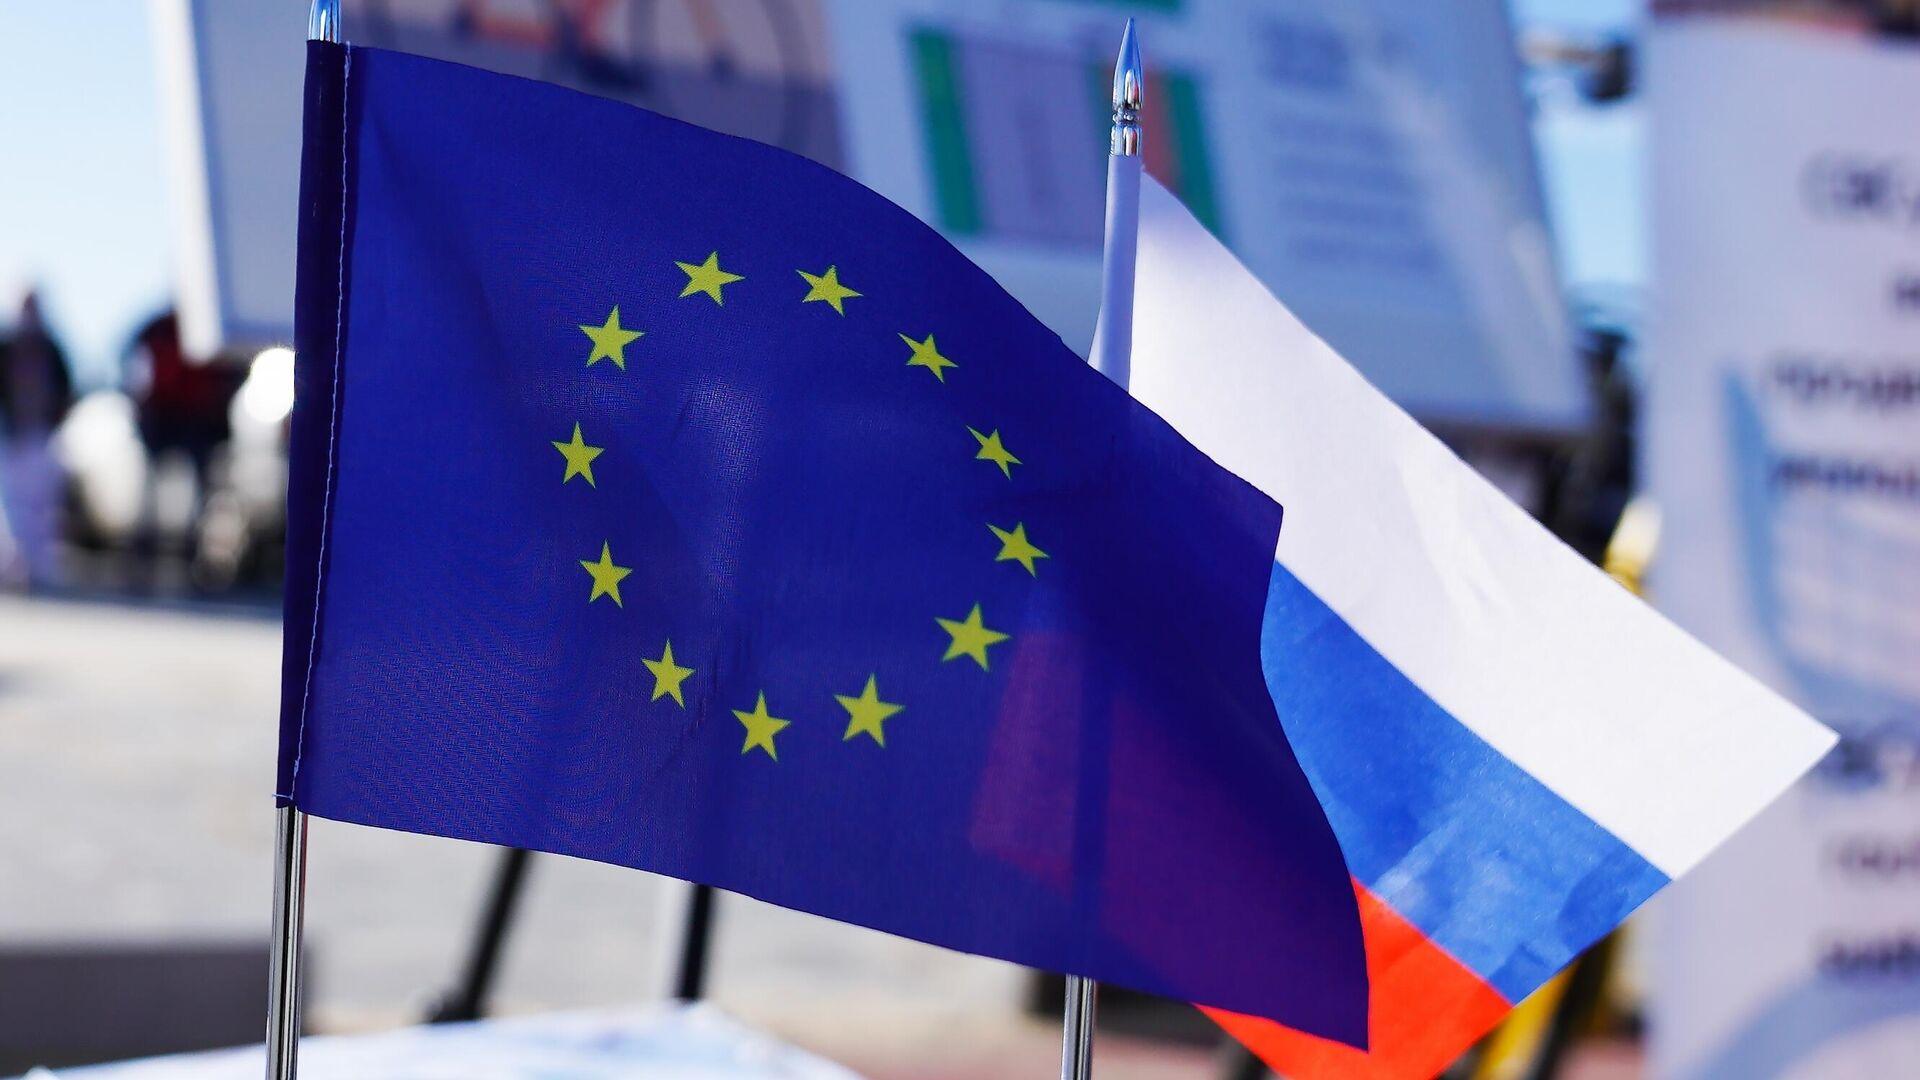 Флажки Европейского союза и России - РИА Новости, 1920, 29.09.2021